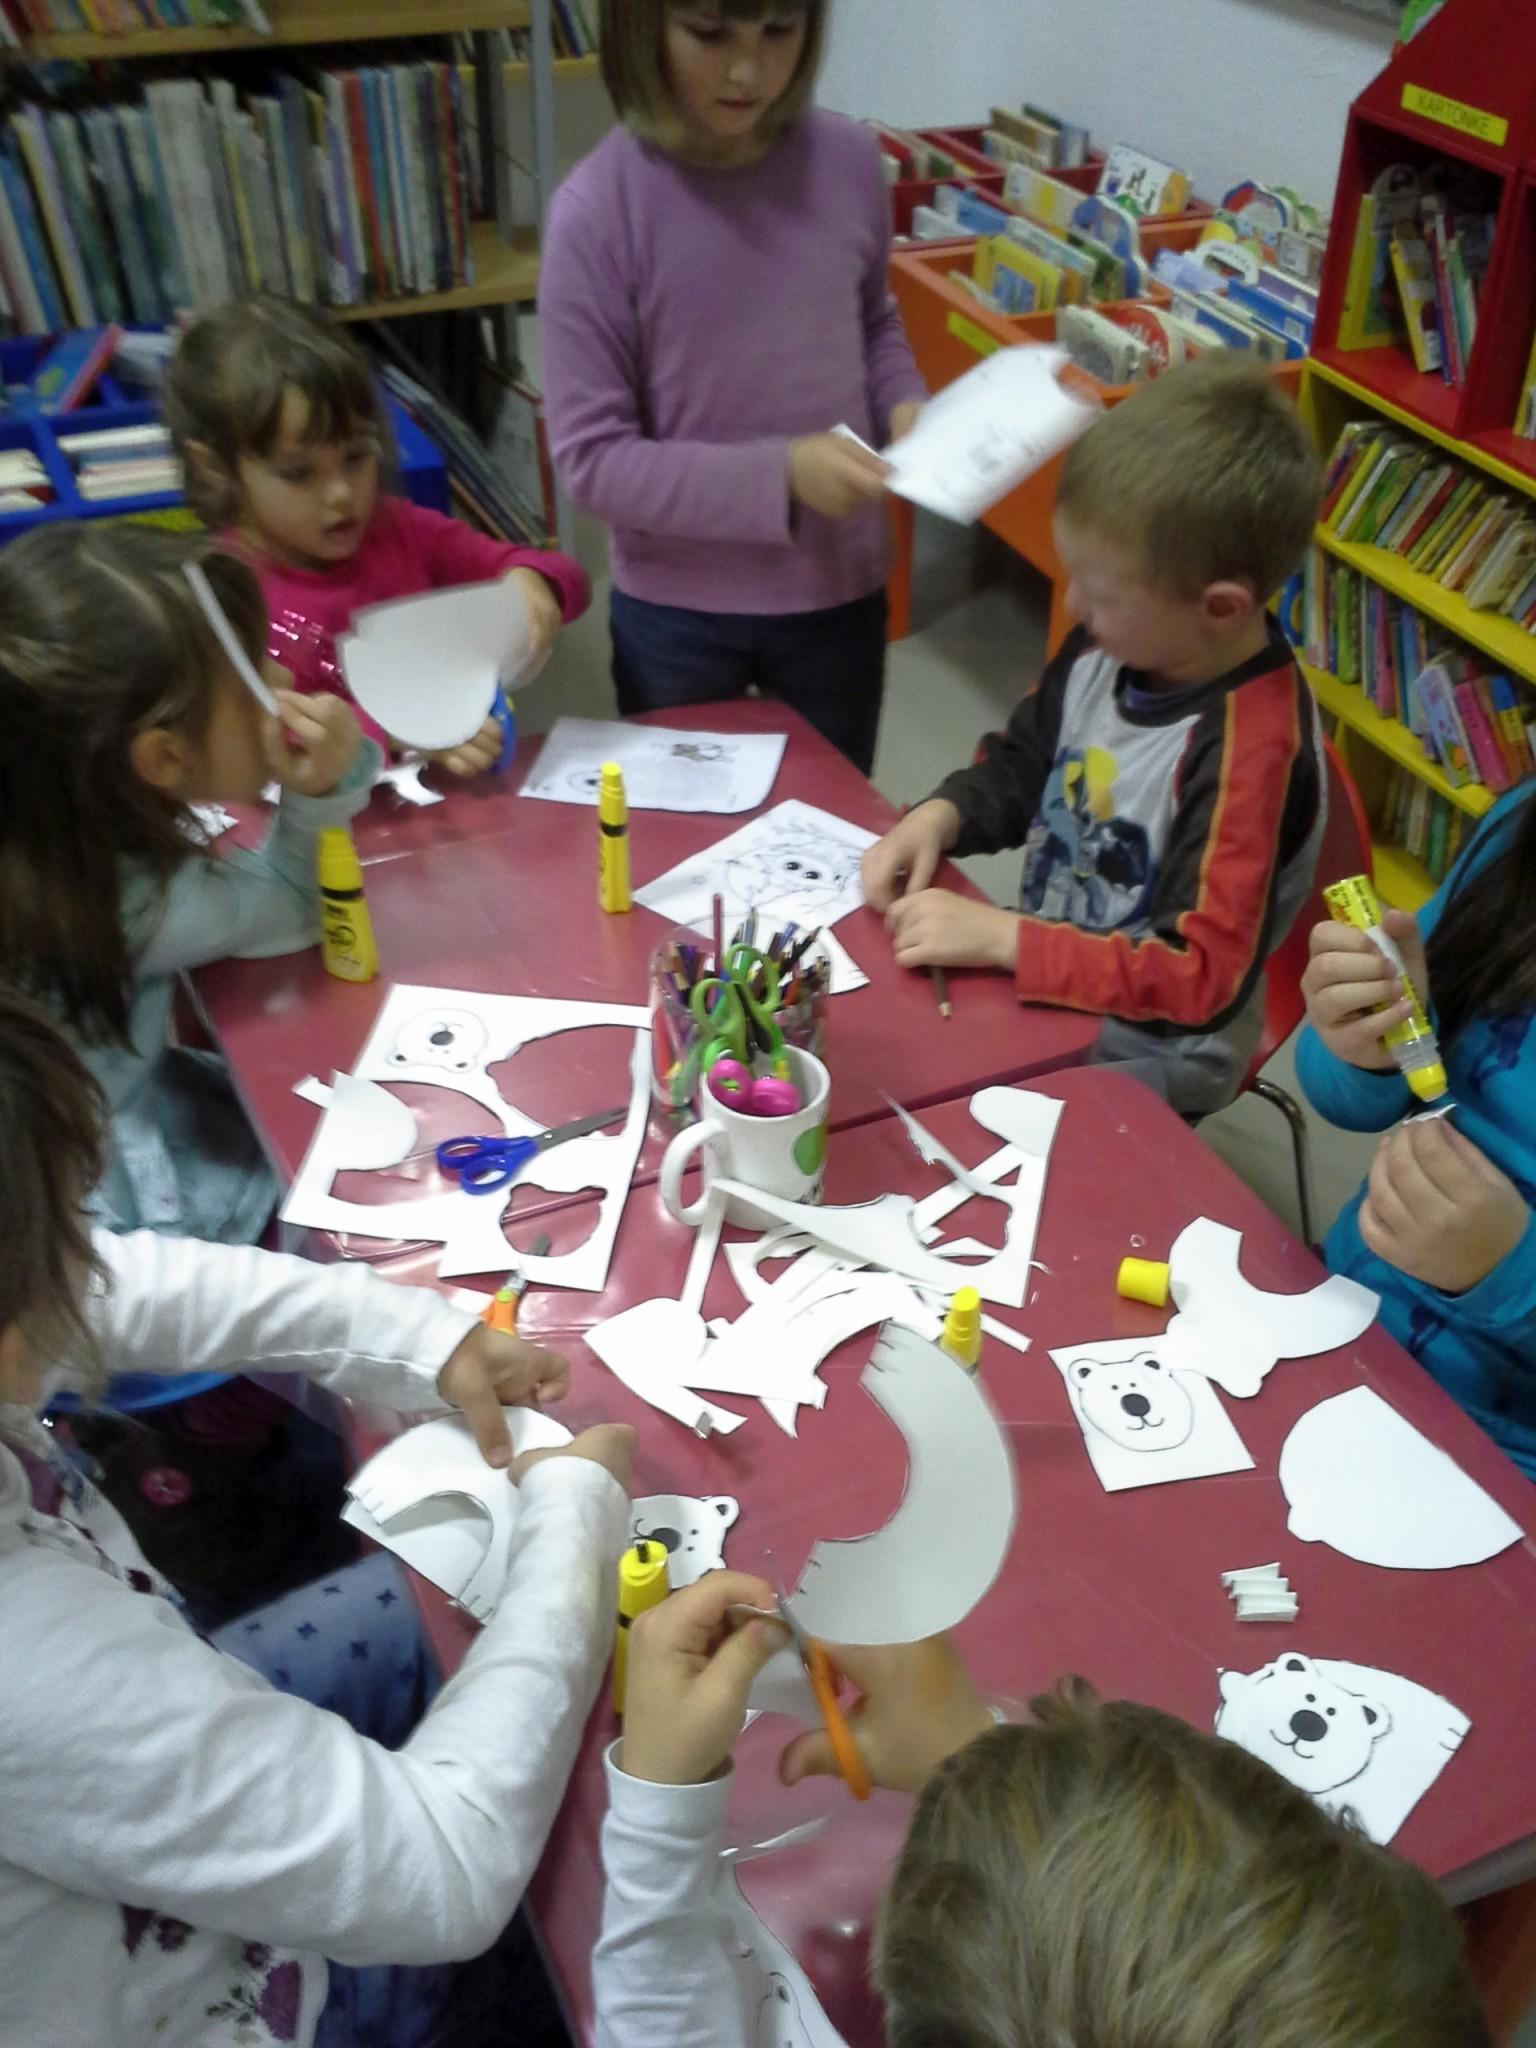 20151105 174936 - Pravljični listopad - pravljična urica z ustvarjalno delavnico za otroke od 4. leta dalje